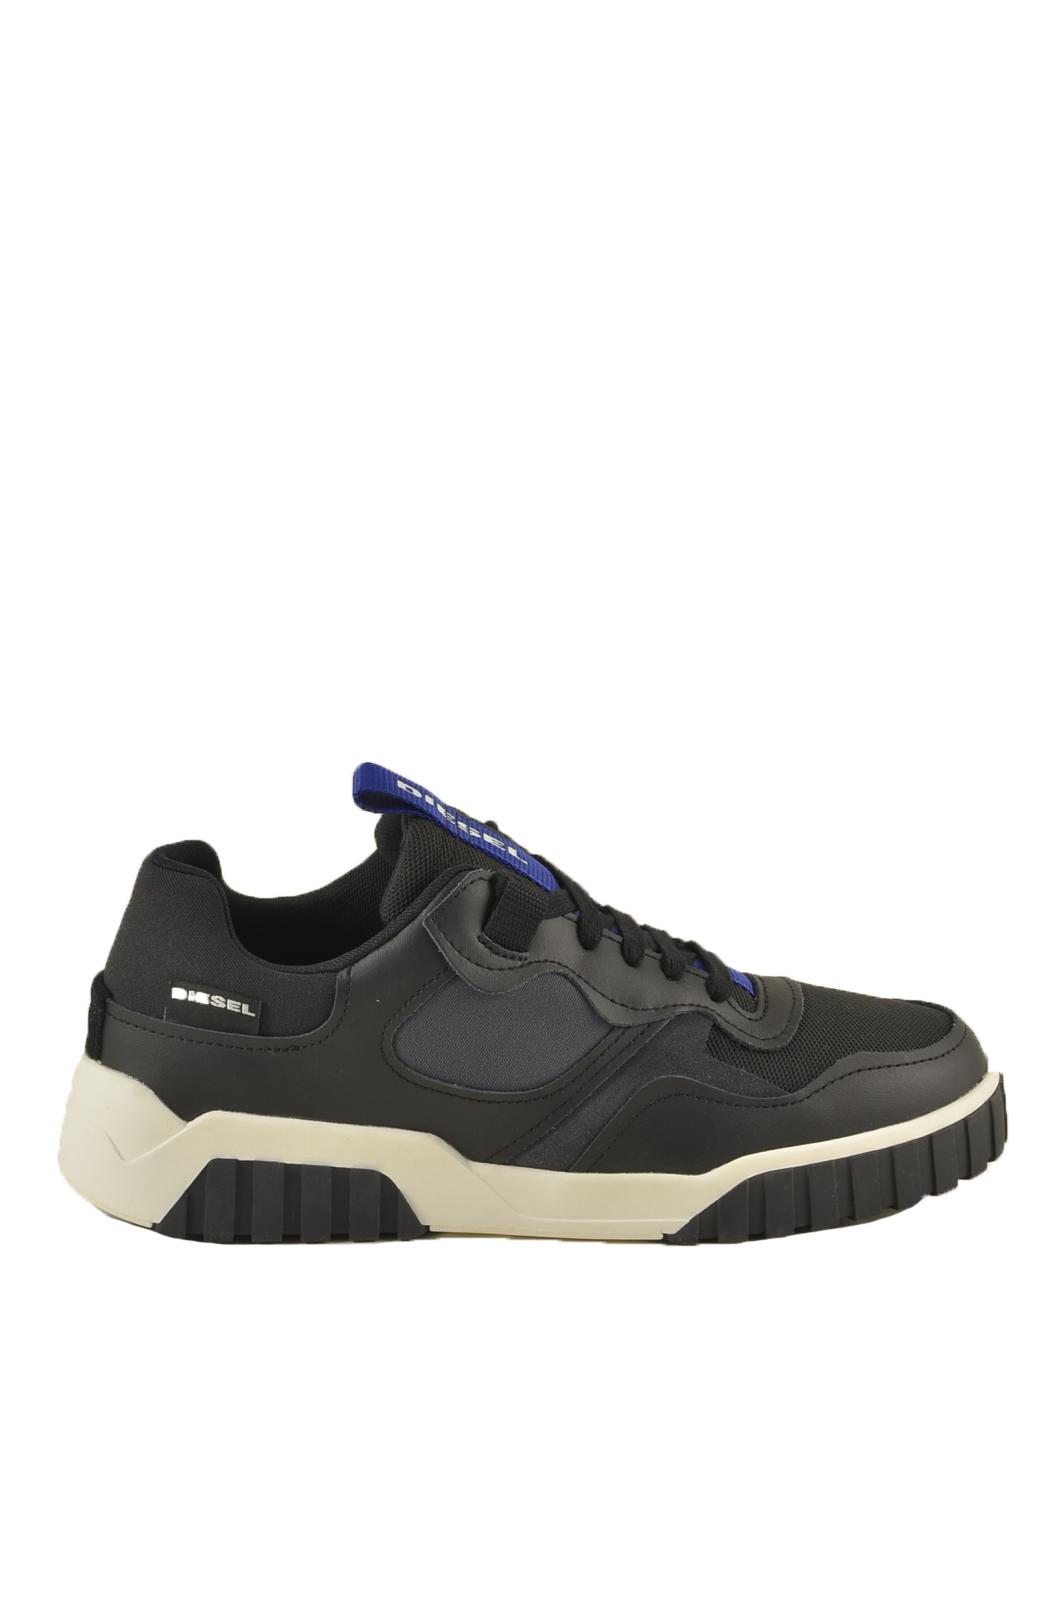 Diesel Sneakers Muži